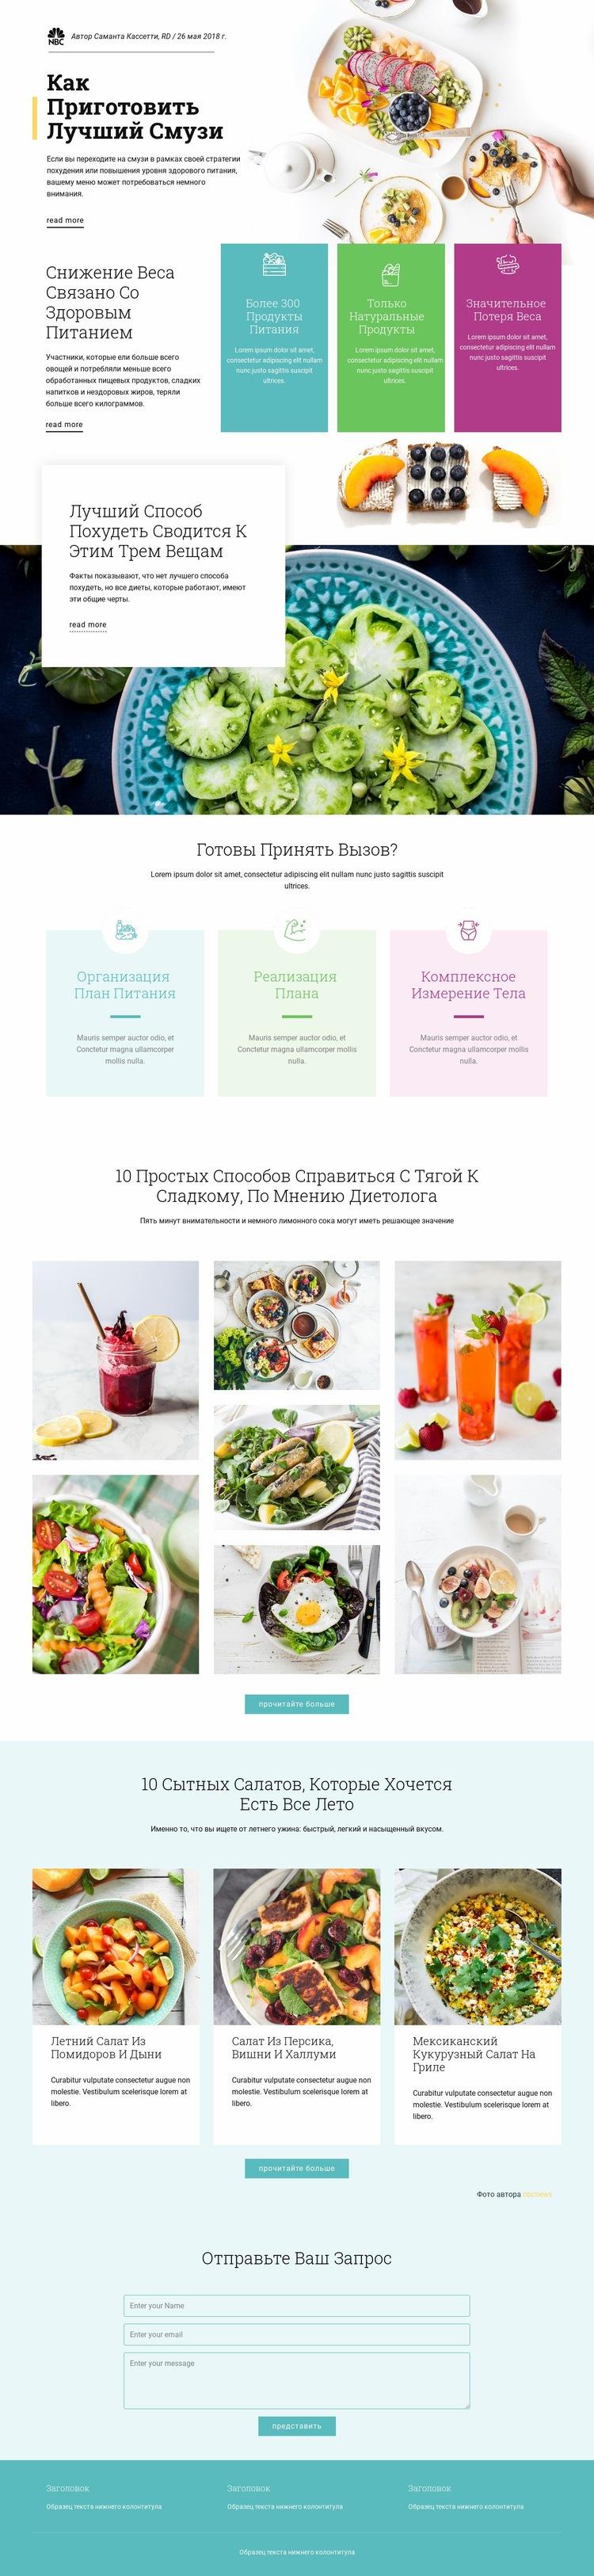 Рецепты смузи HTML шаблон